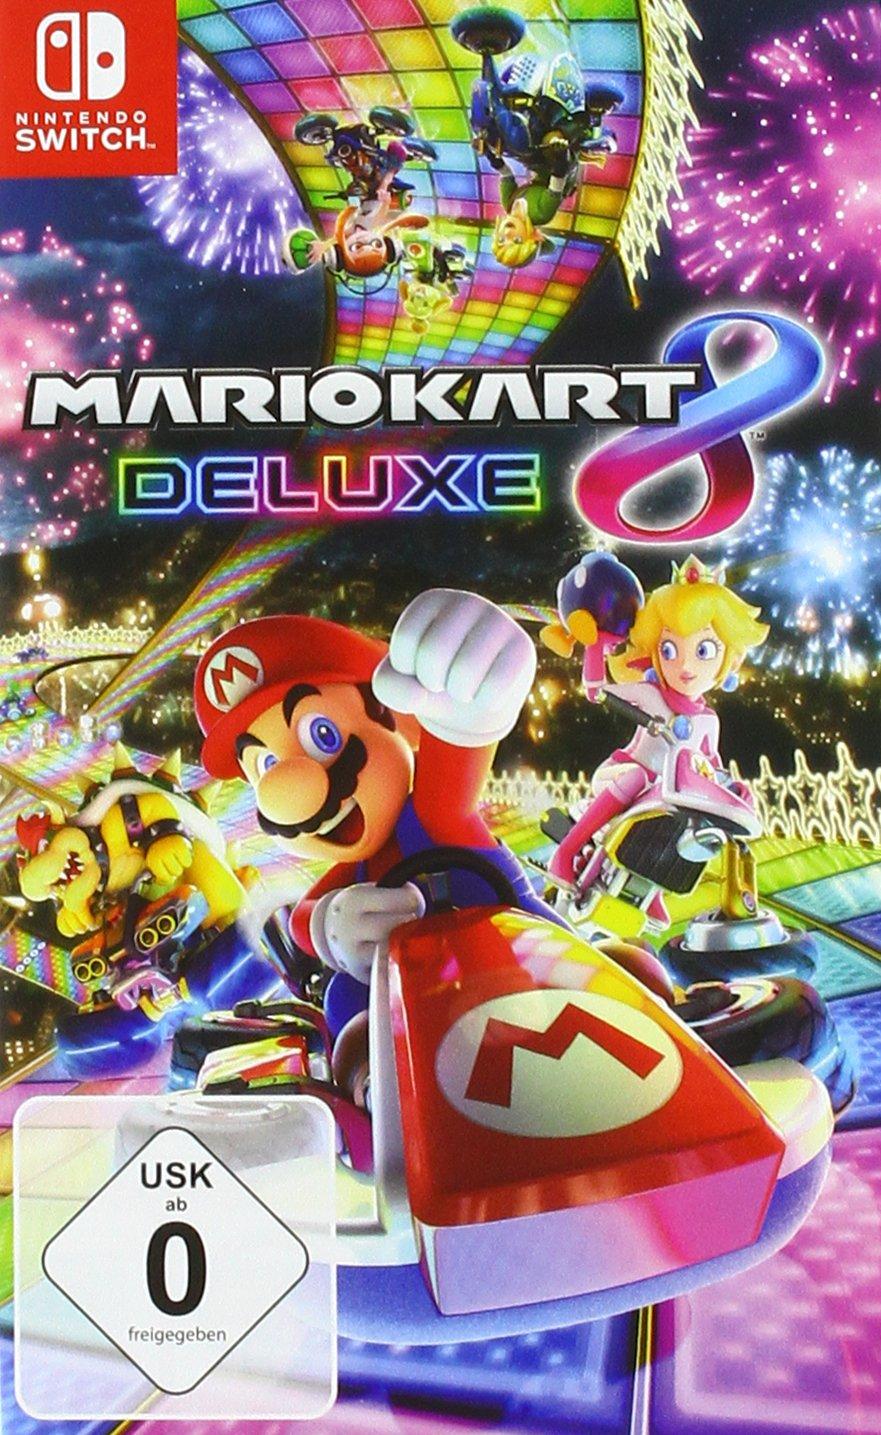 Mario Kart 8 Deluxe voor Nintendo Switch voor €38,79